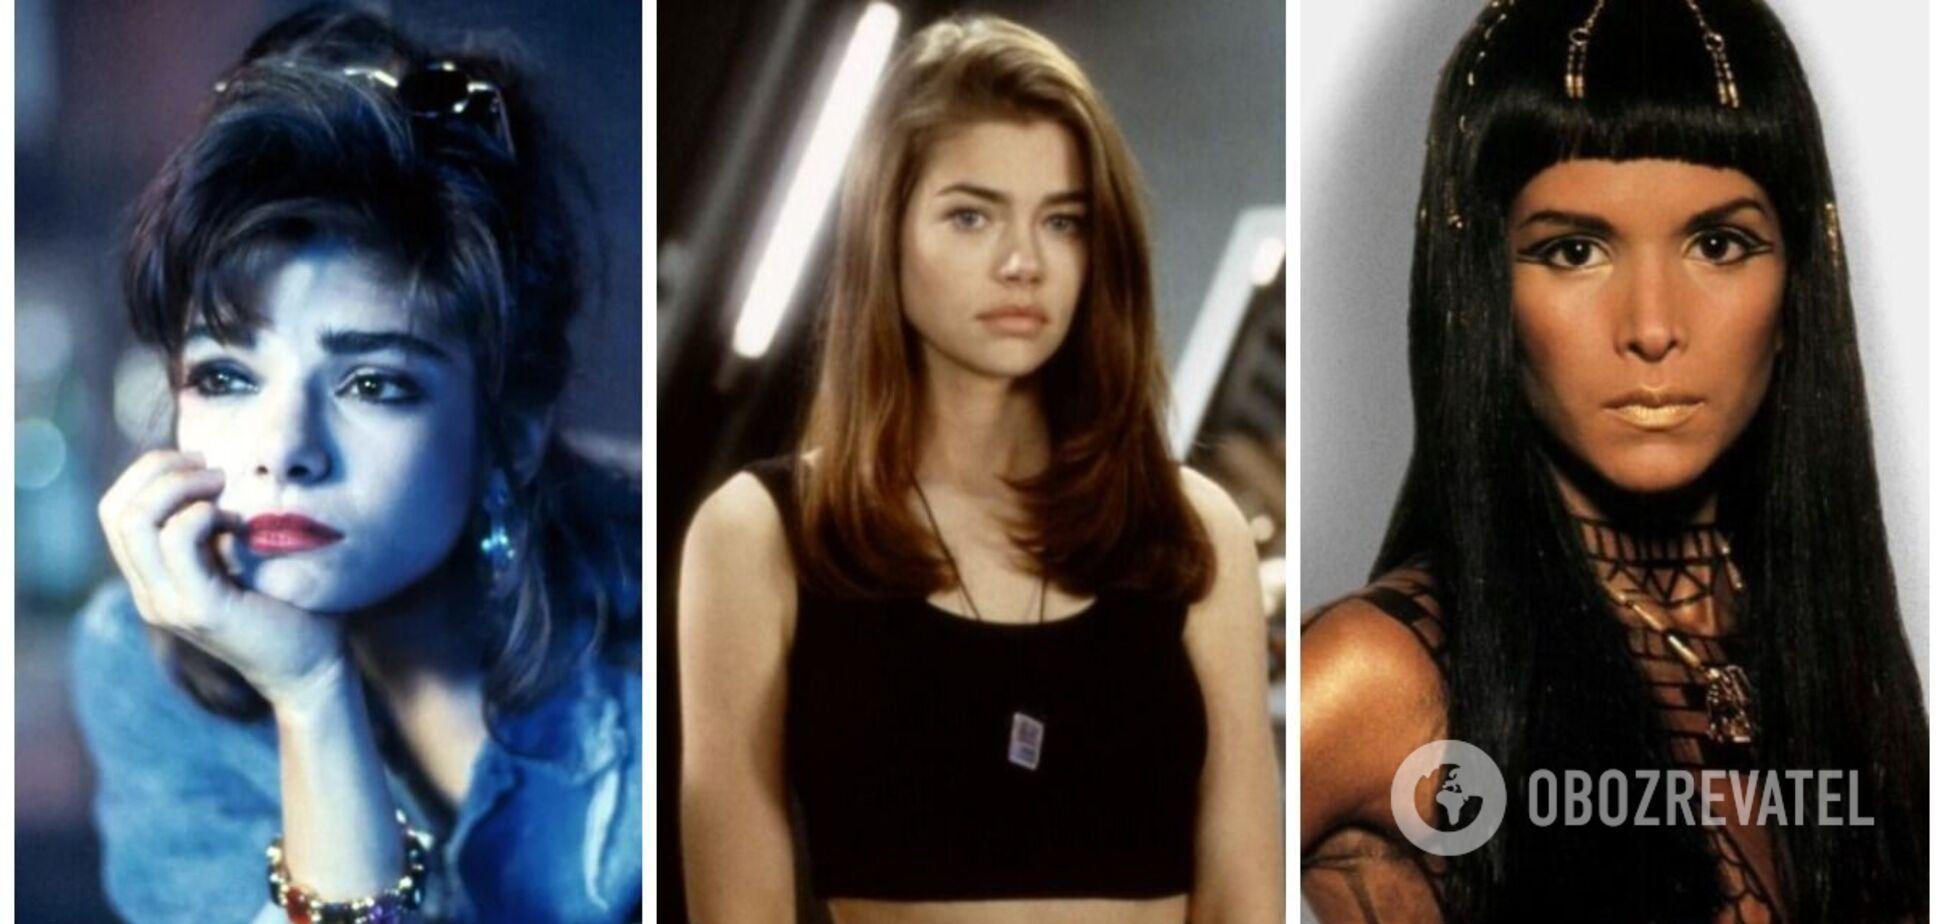 Як зараз виглядають кінозірки 90-х, фільми з якими ми переглядаємо й сьогодні